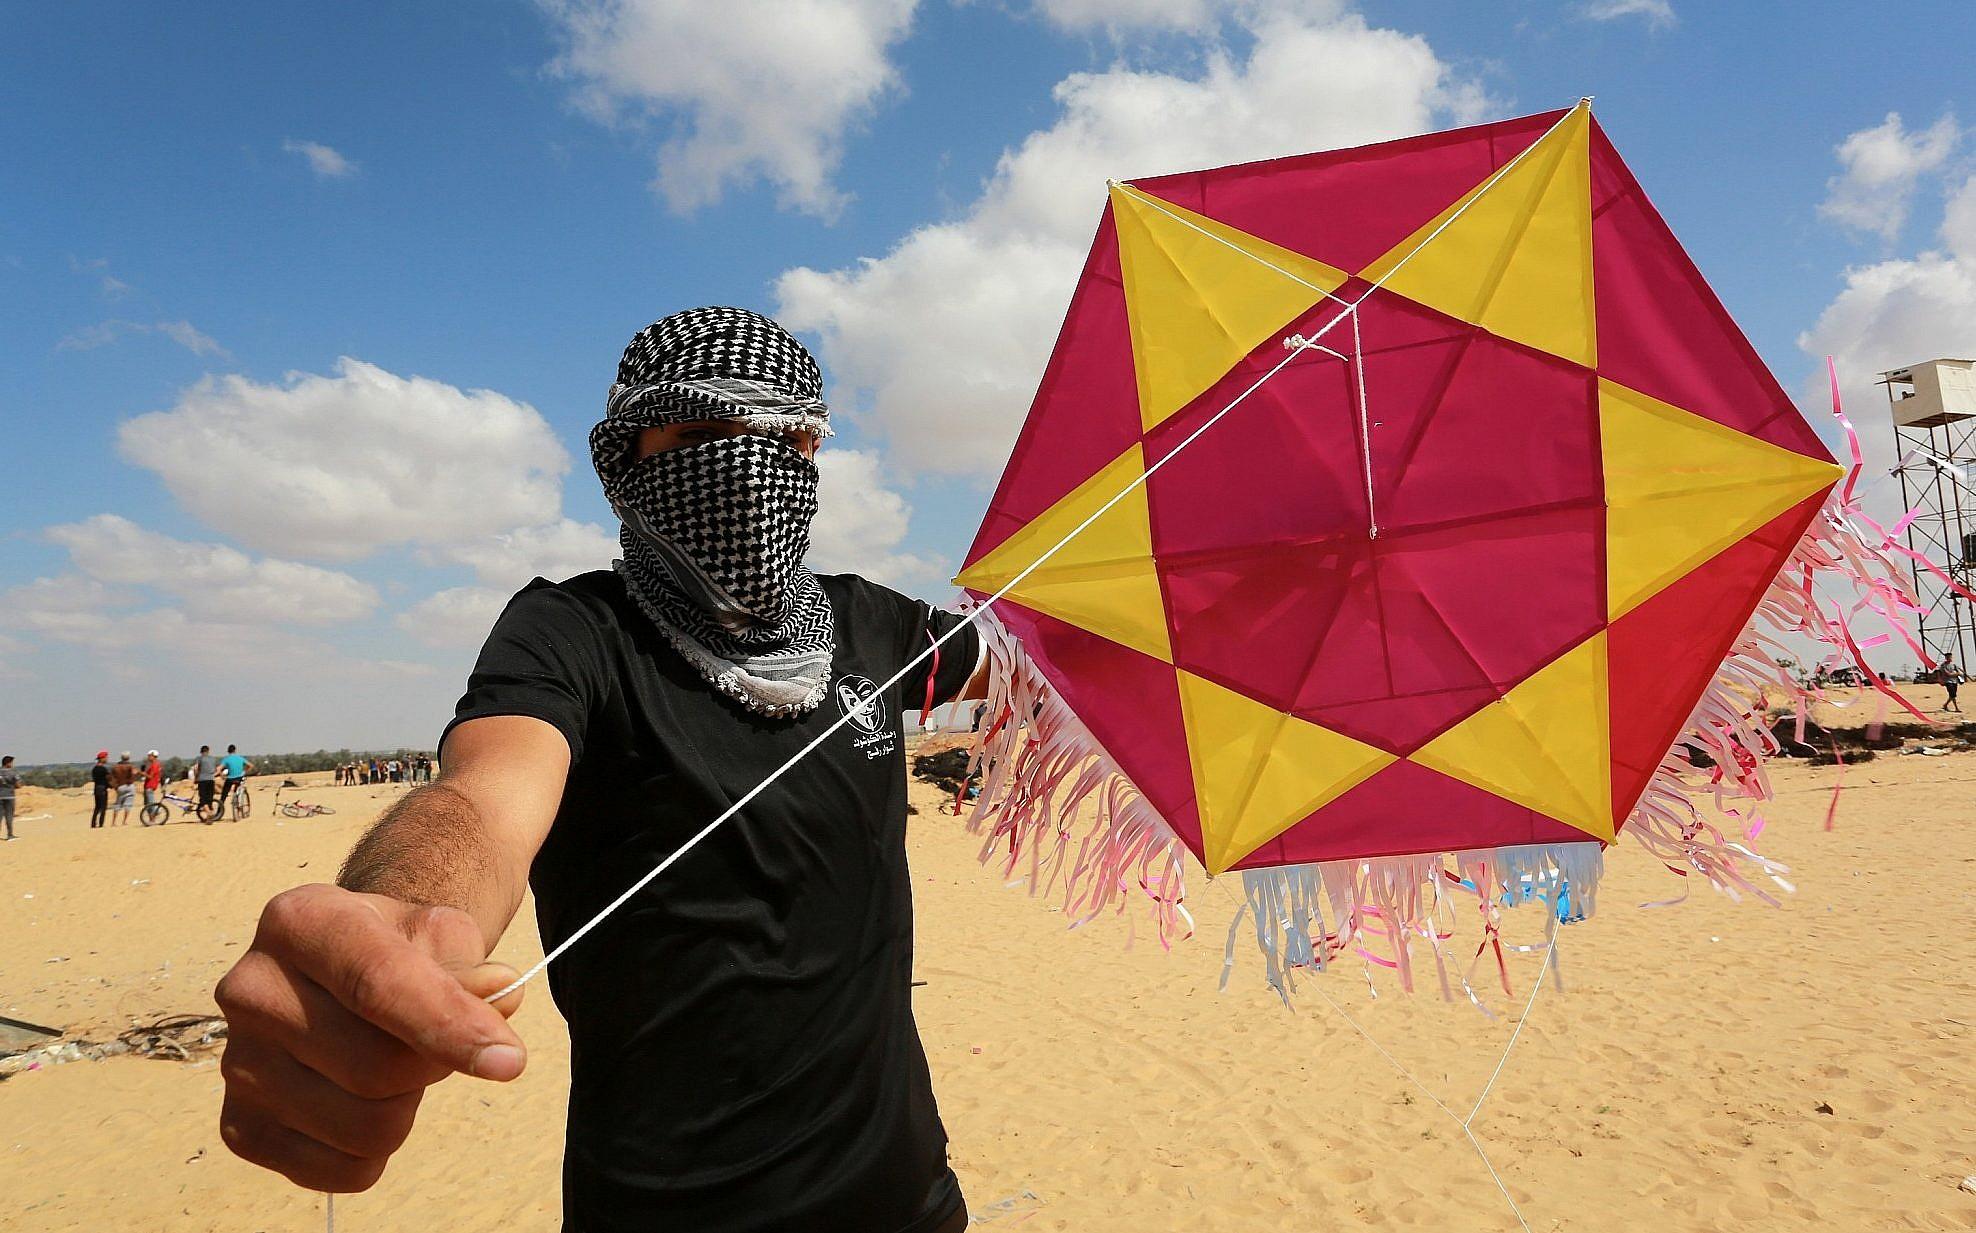 a kite is a victim